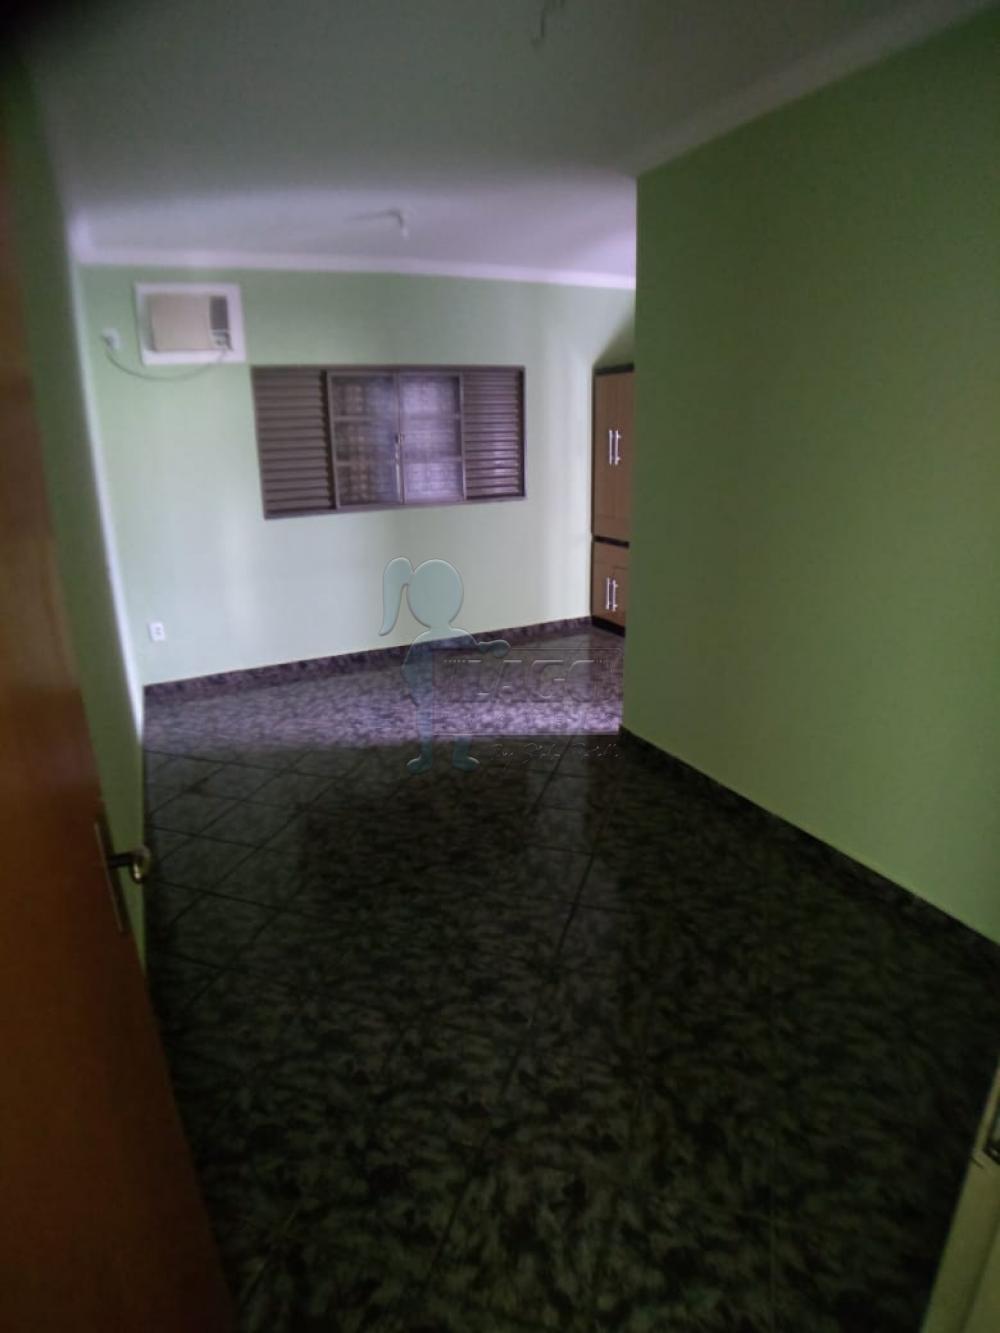 Alugar Casas / Padrão em Ribeirão Preto apenas R$ 950,00 - Foto 5